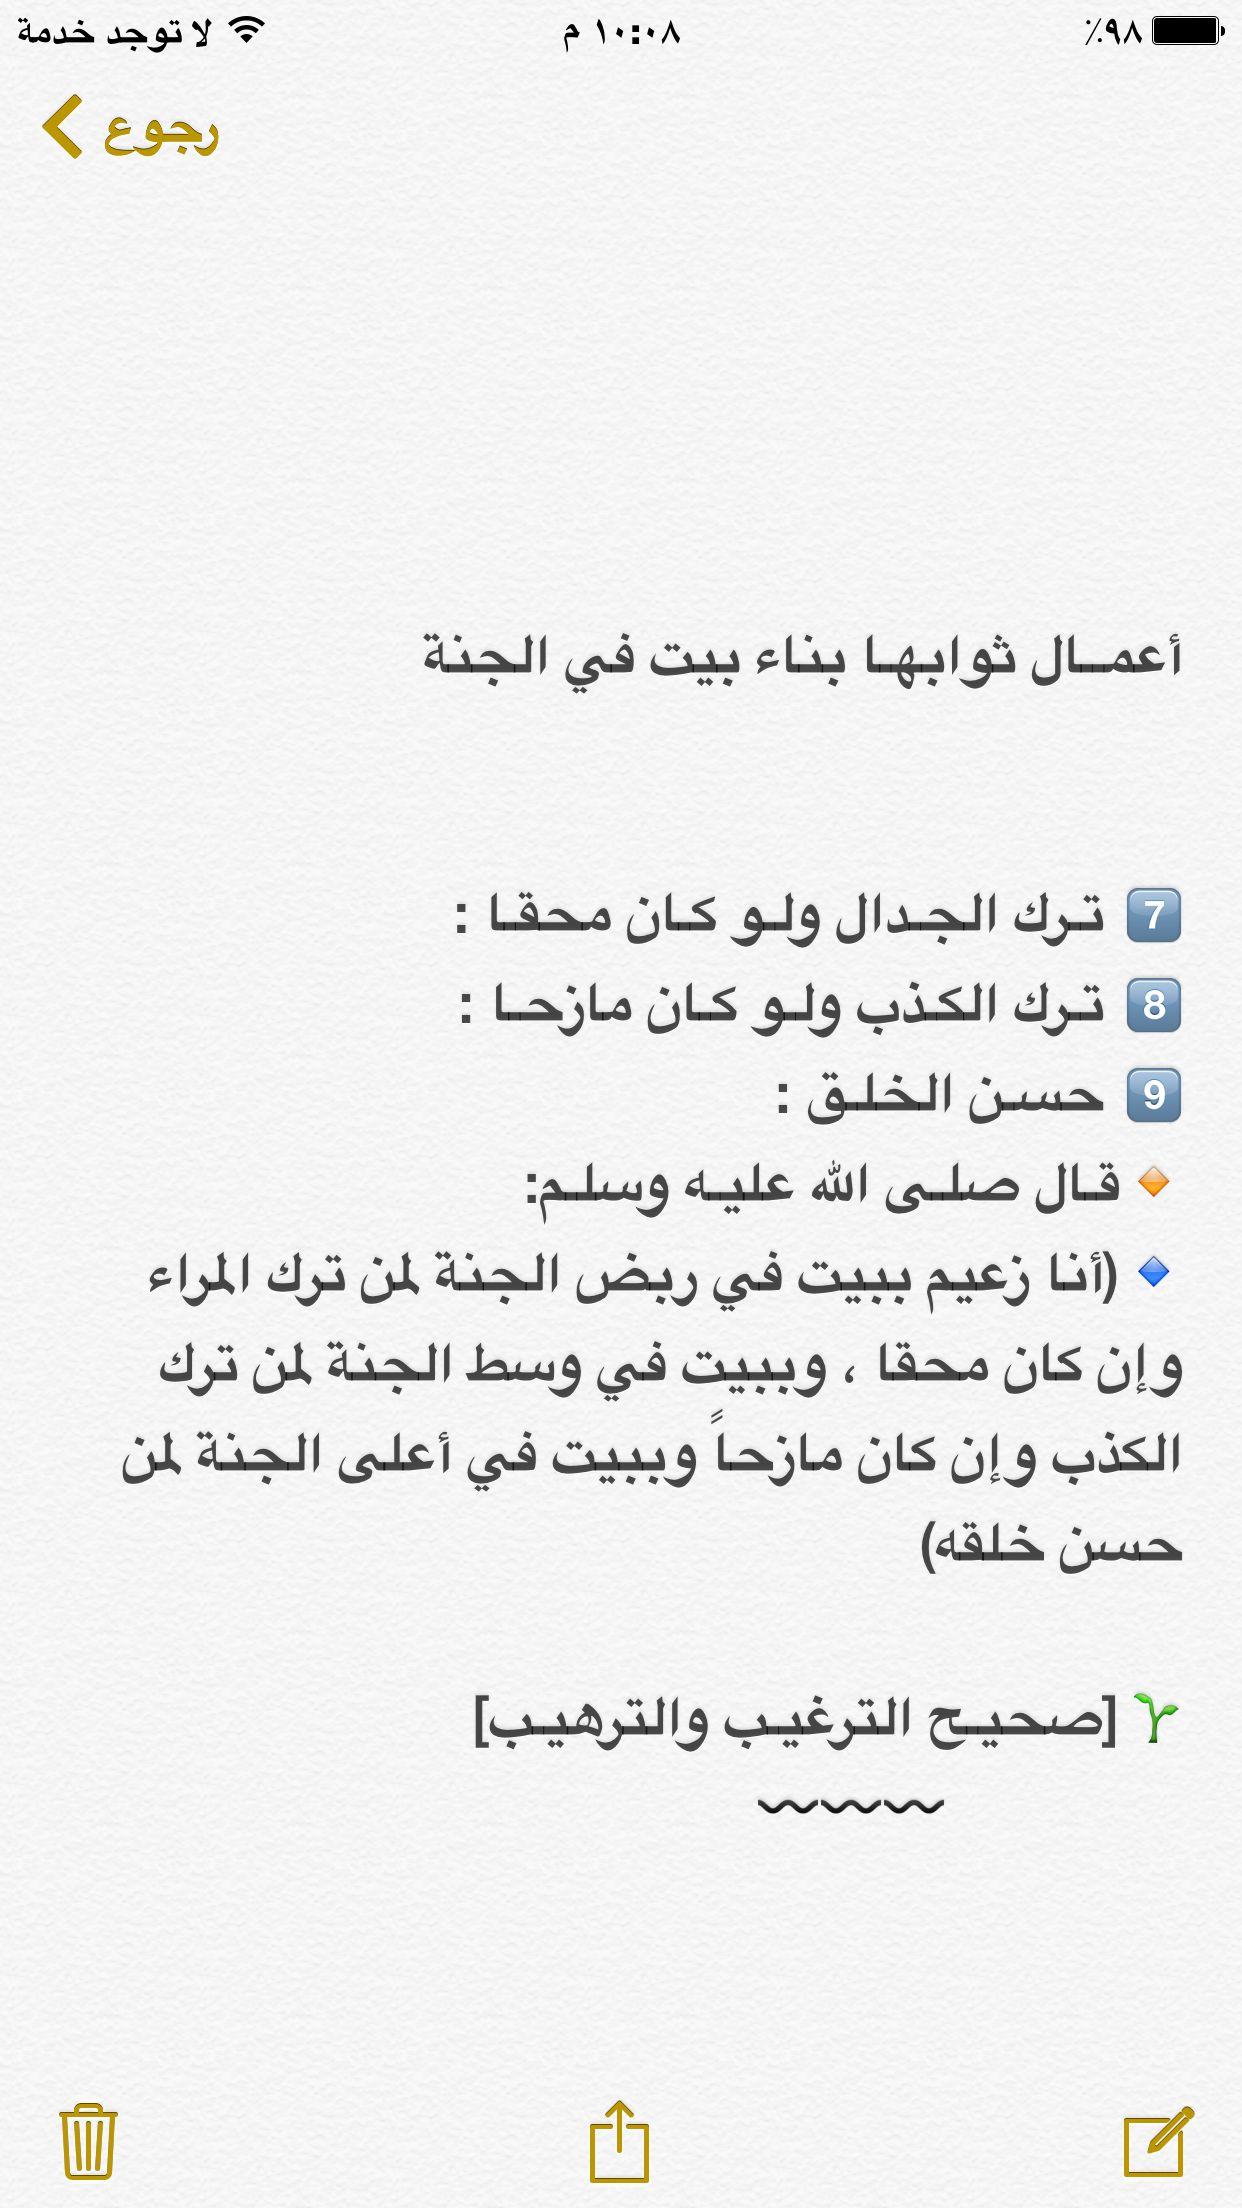 ٧ ٨ ٩ أعمــال ثوابهـا بناء بيت في الجنة Quotes Islam Math